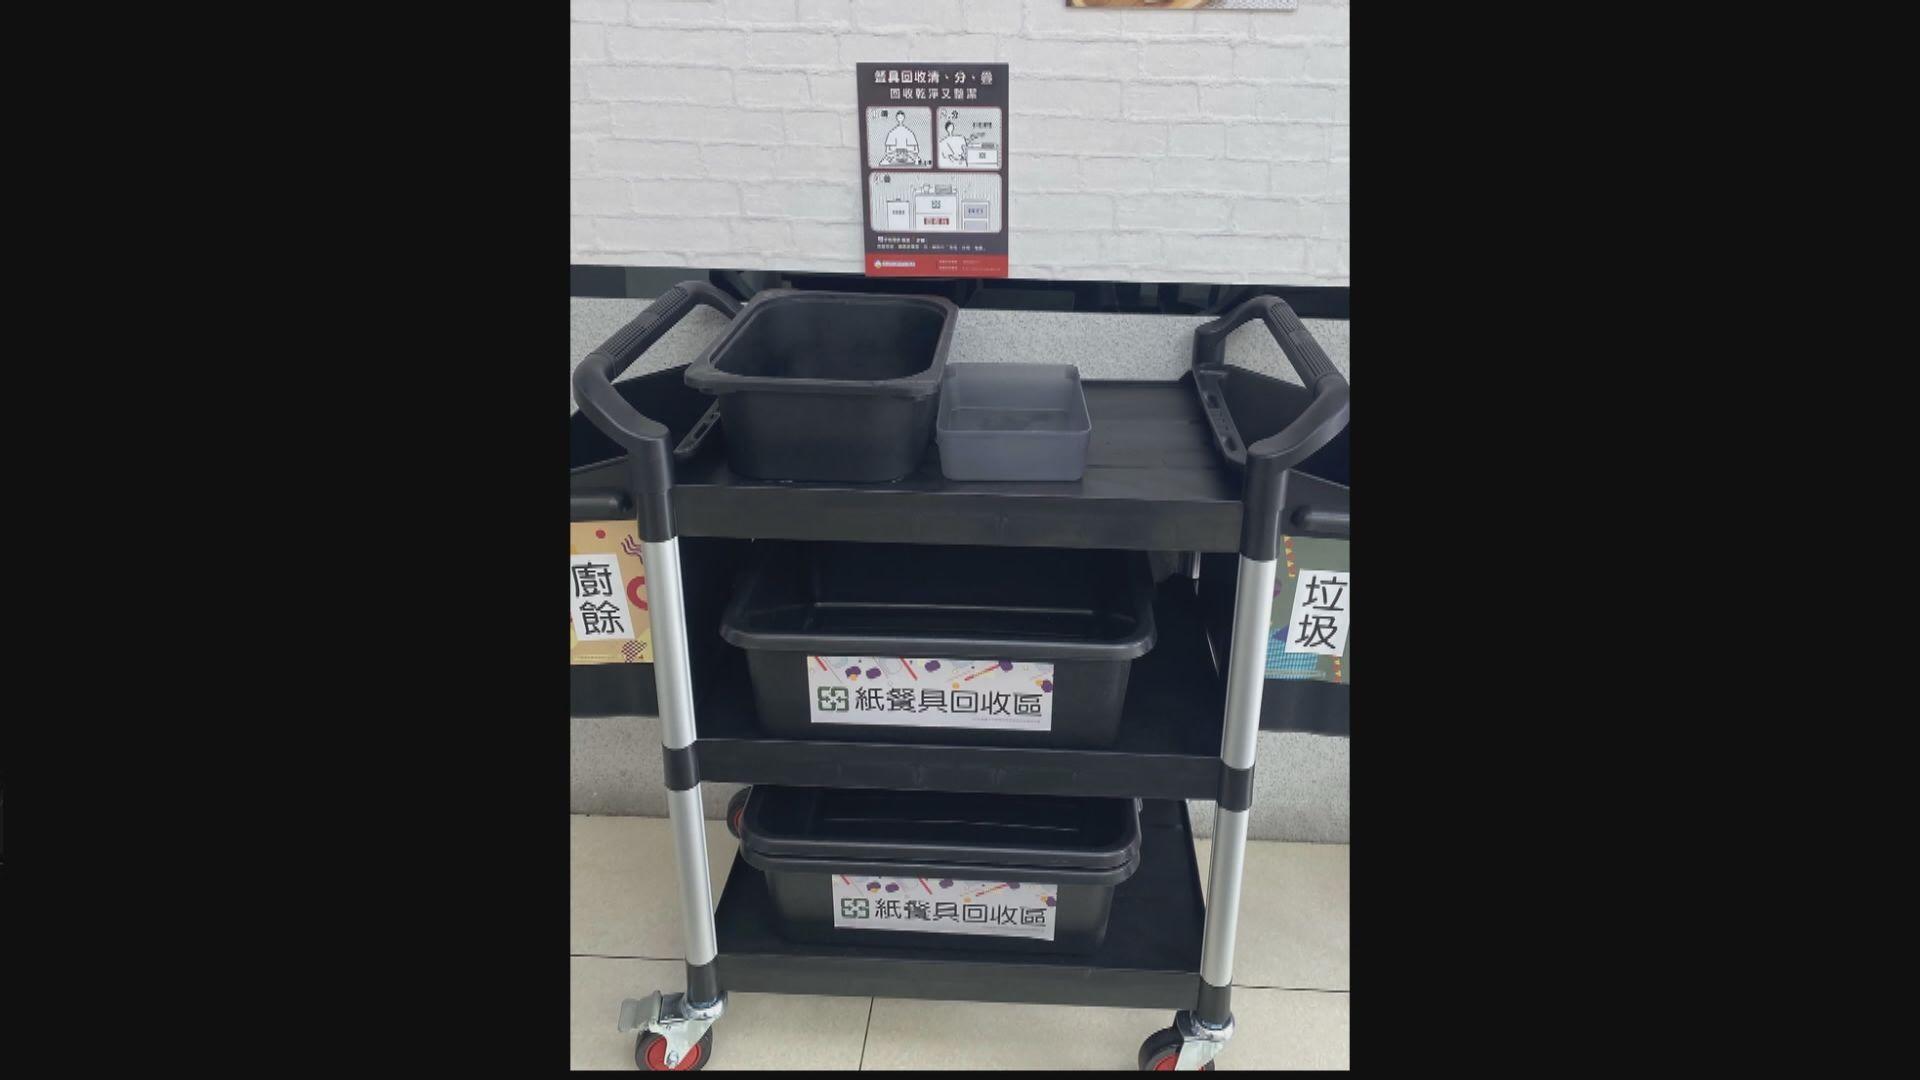 【環球薈報】台食店十月起須設紙餐具回收處 違規將被罰款